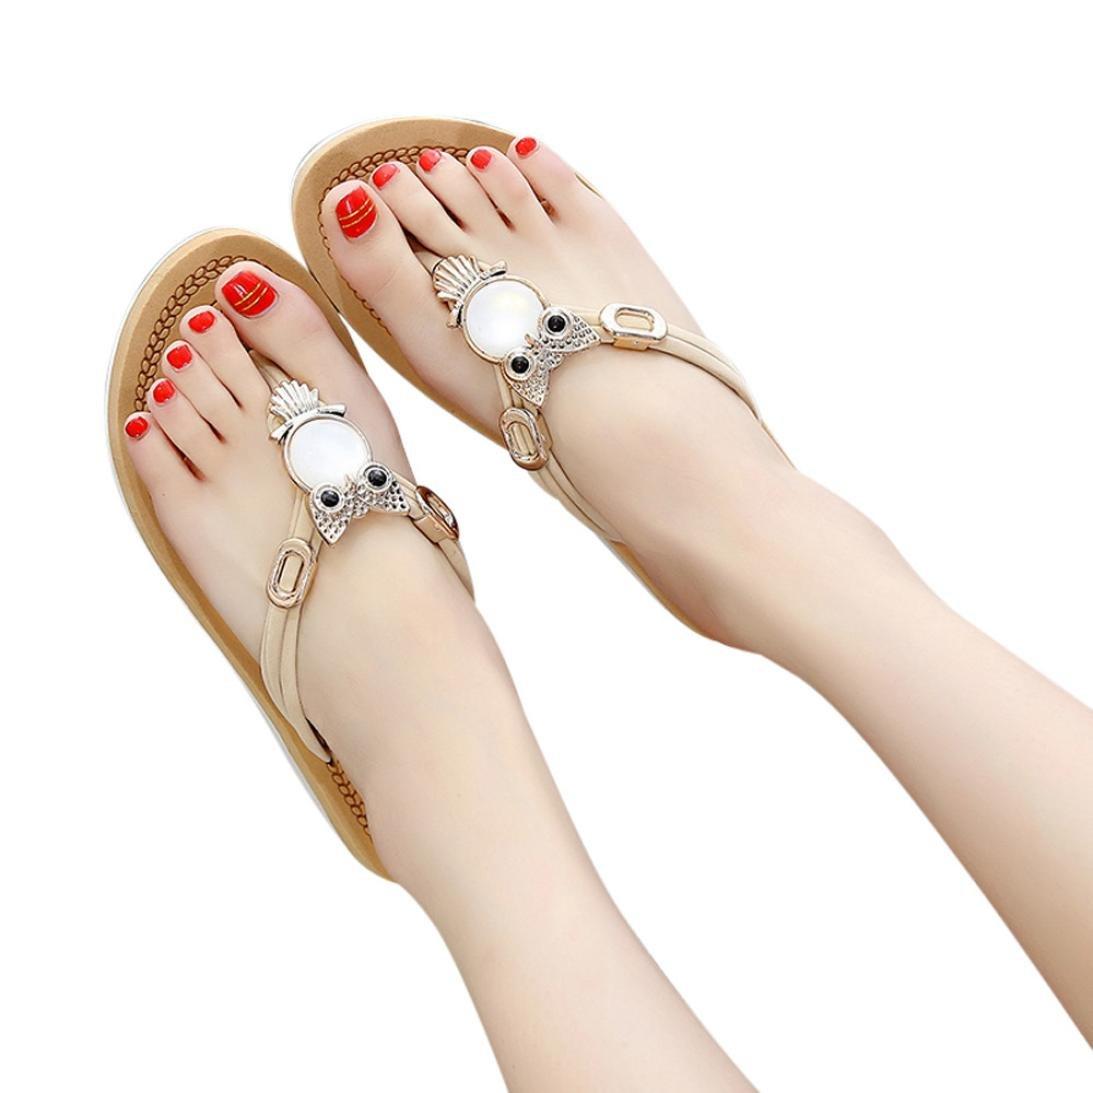 Ouneed- Damen Sandalen, Damen Sommer Frauen Bouml;hmen Crystal Bling Bling Thick Bottom Sandalen Slipper Strandschuhe Zehentrenner35 Beige